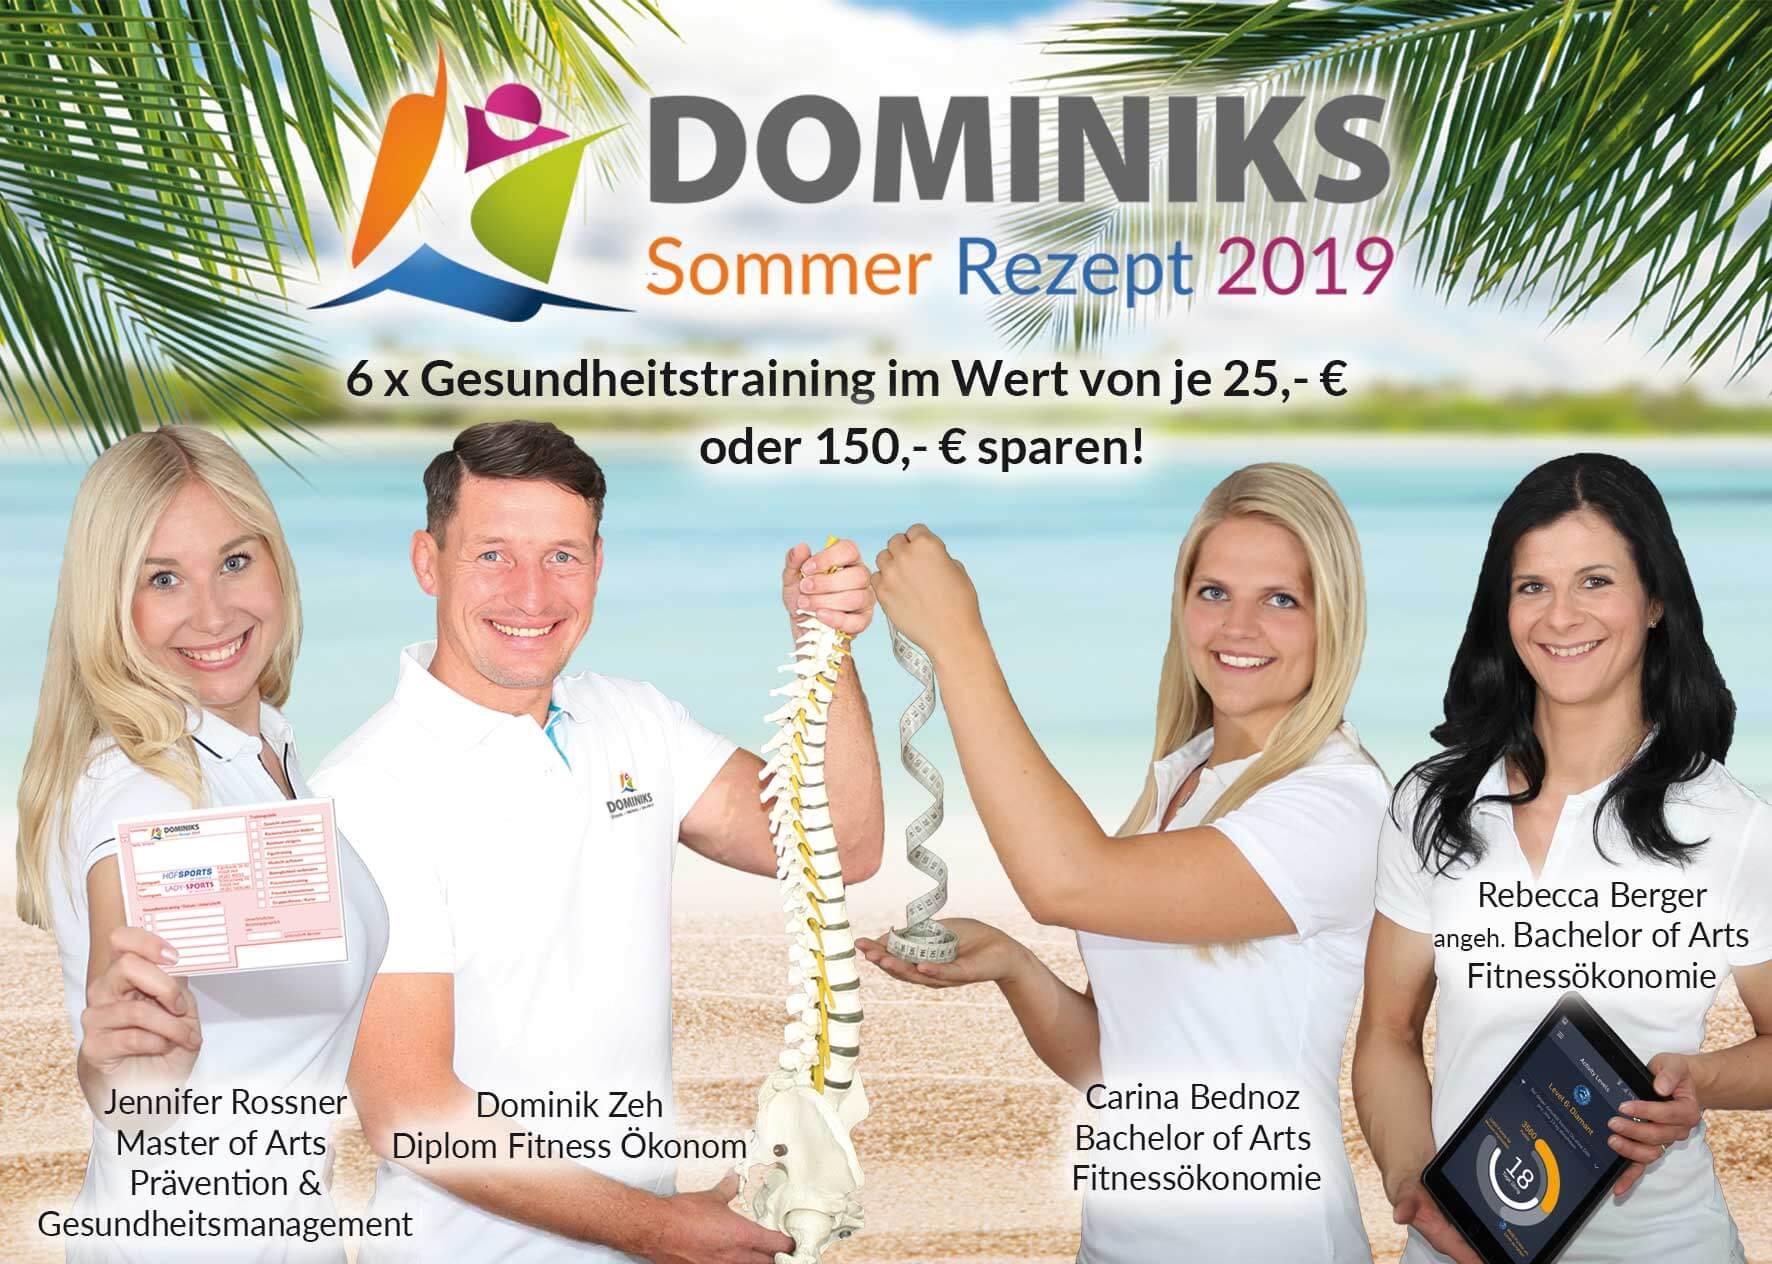 Sommer Rezept 2019